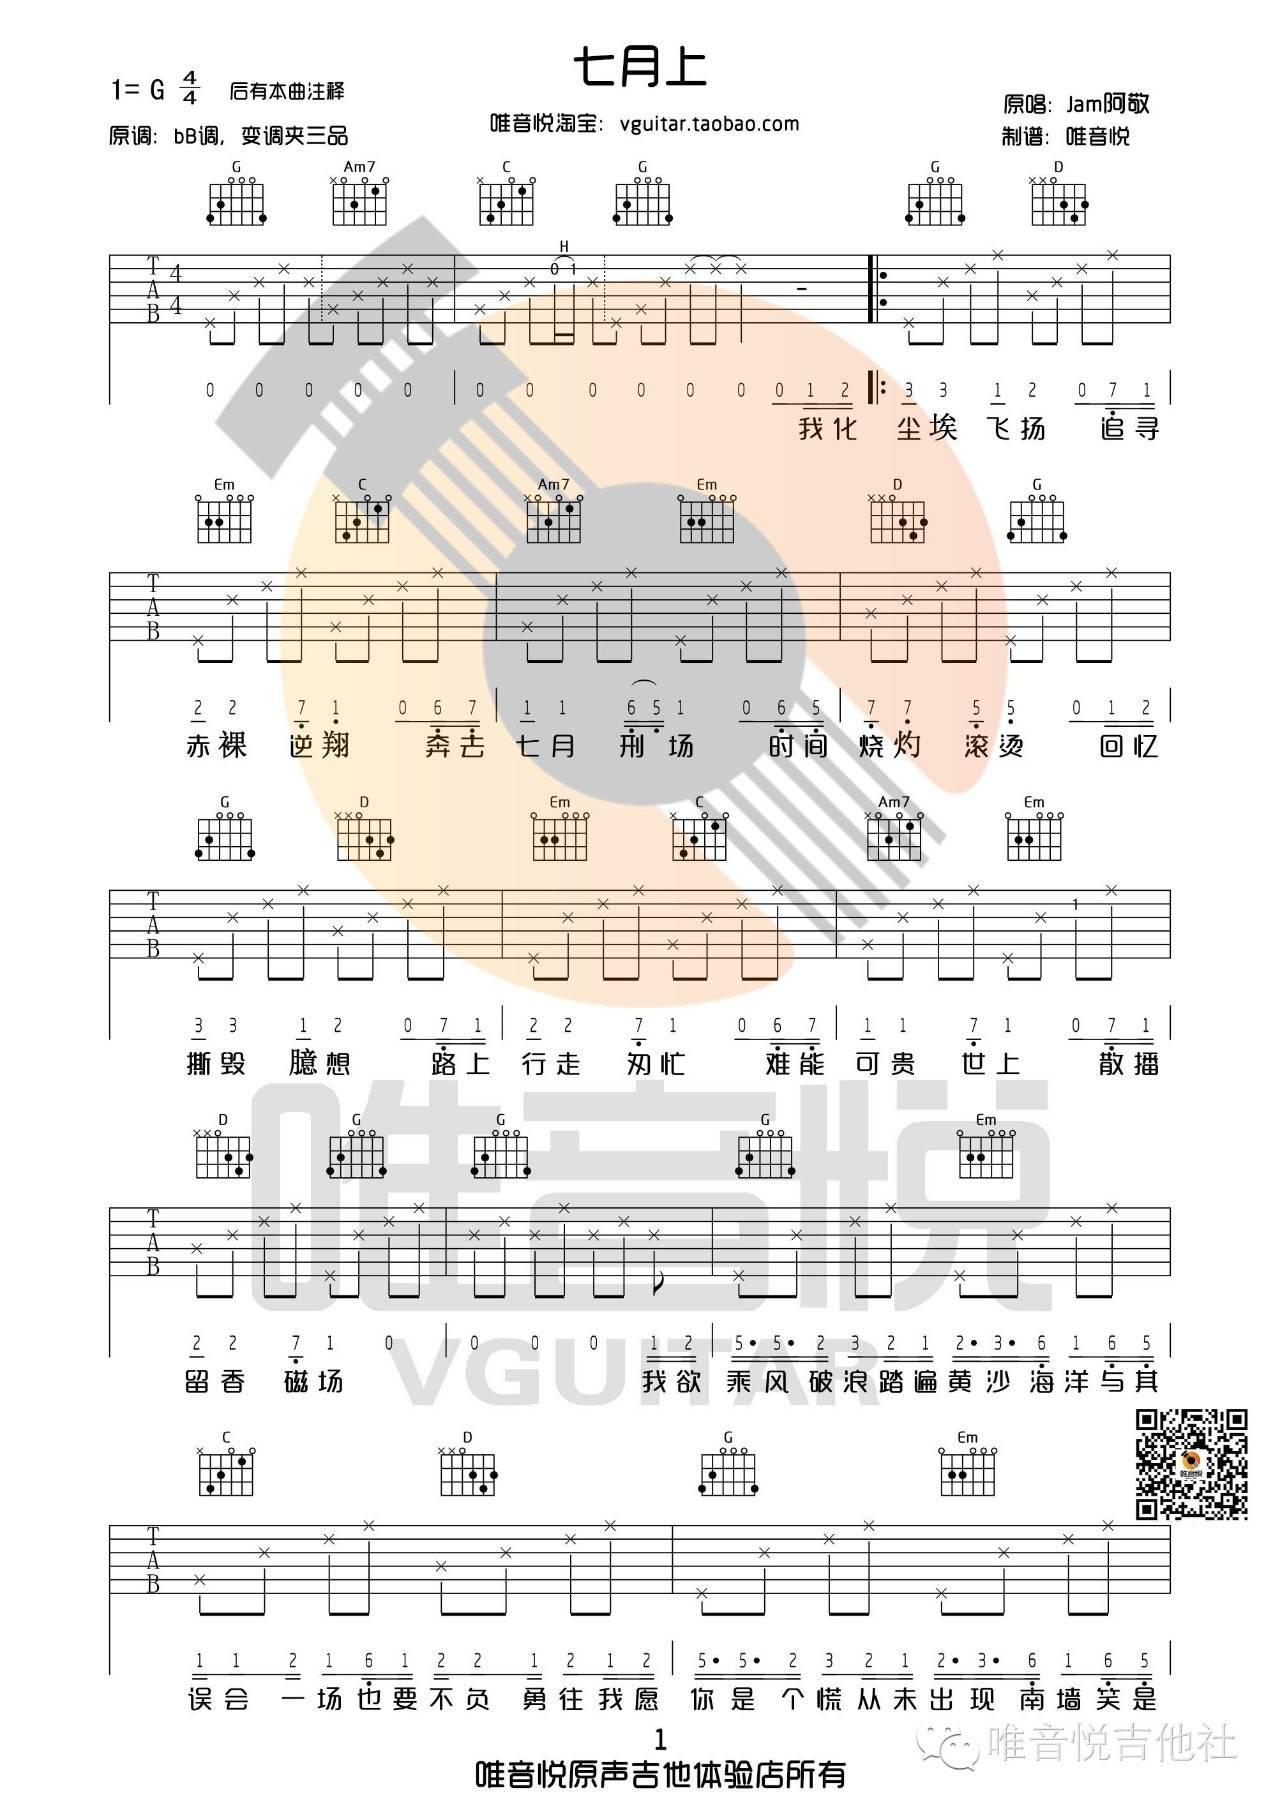 吉他派《七月上》吉他谱-1